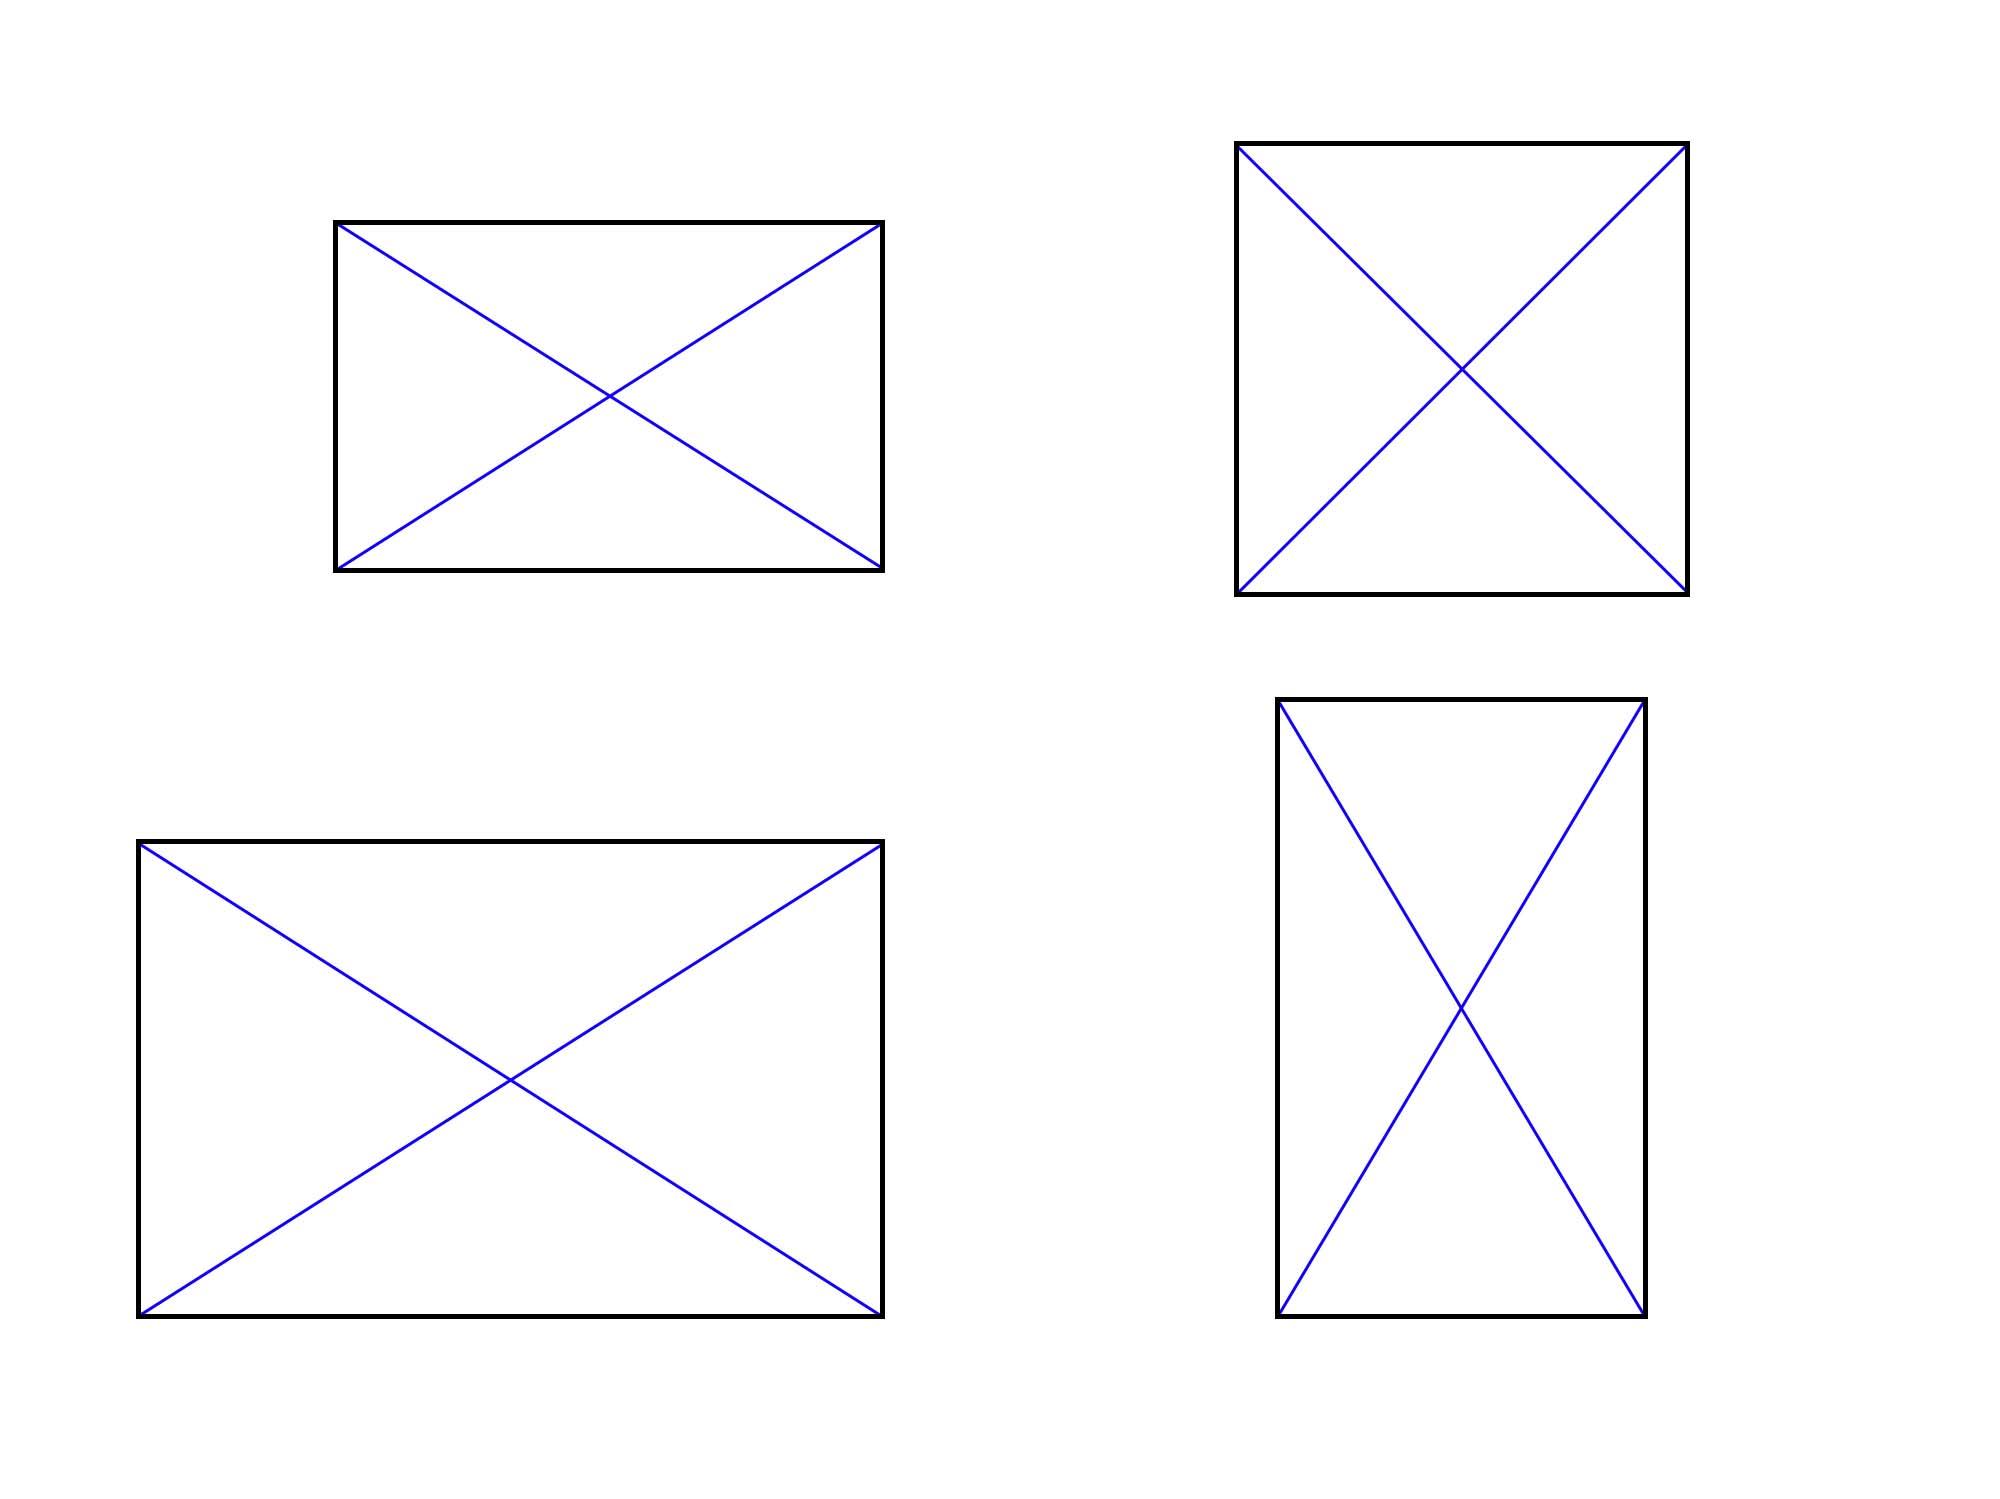 対角線の機能